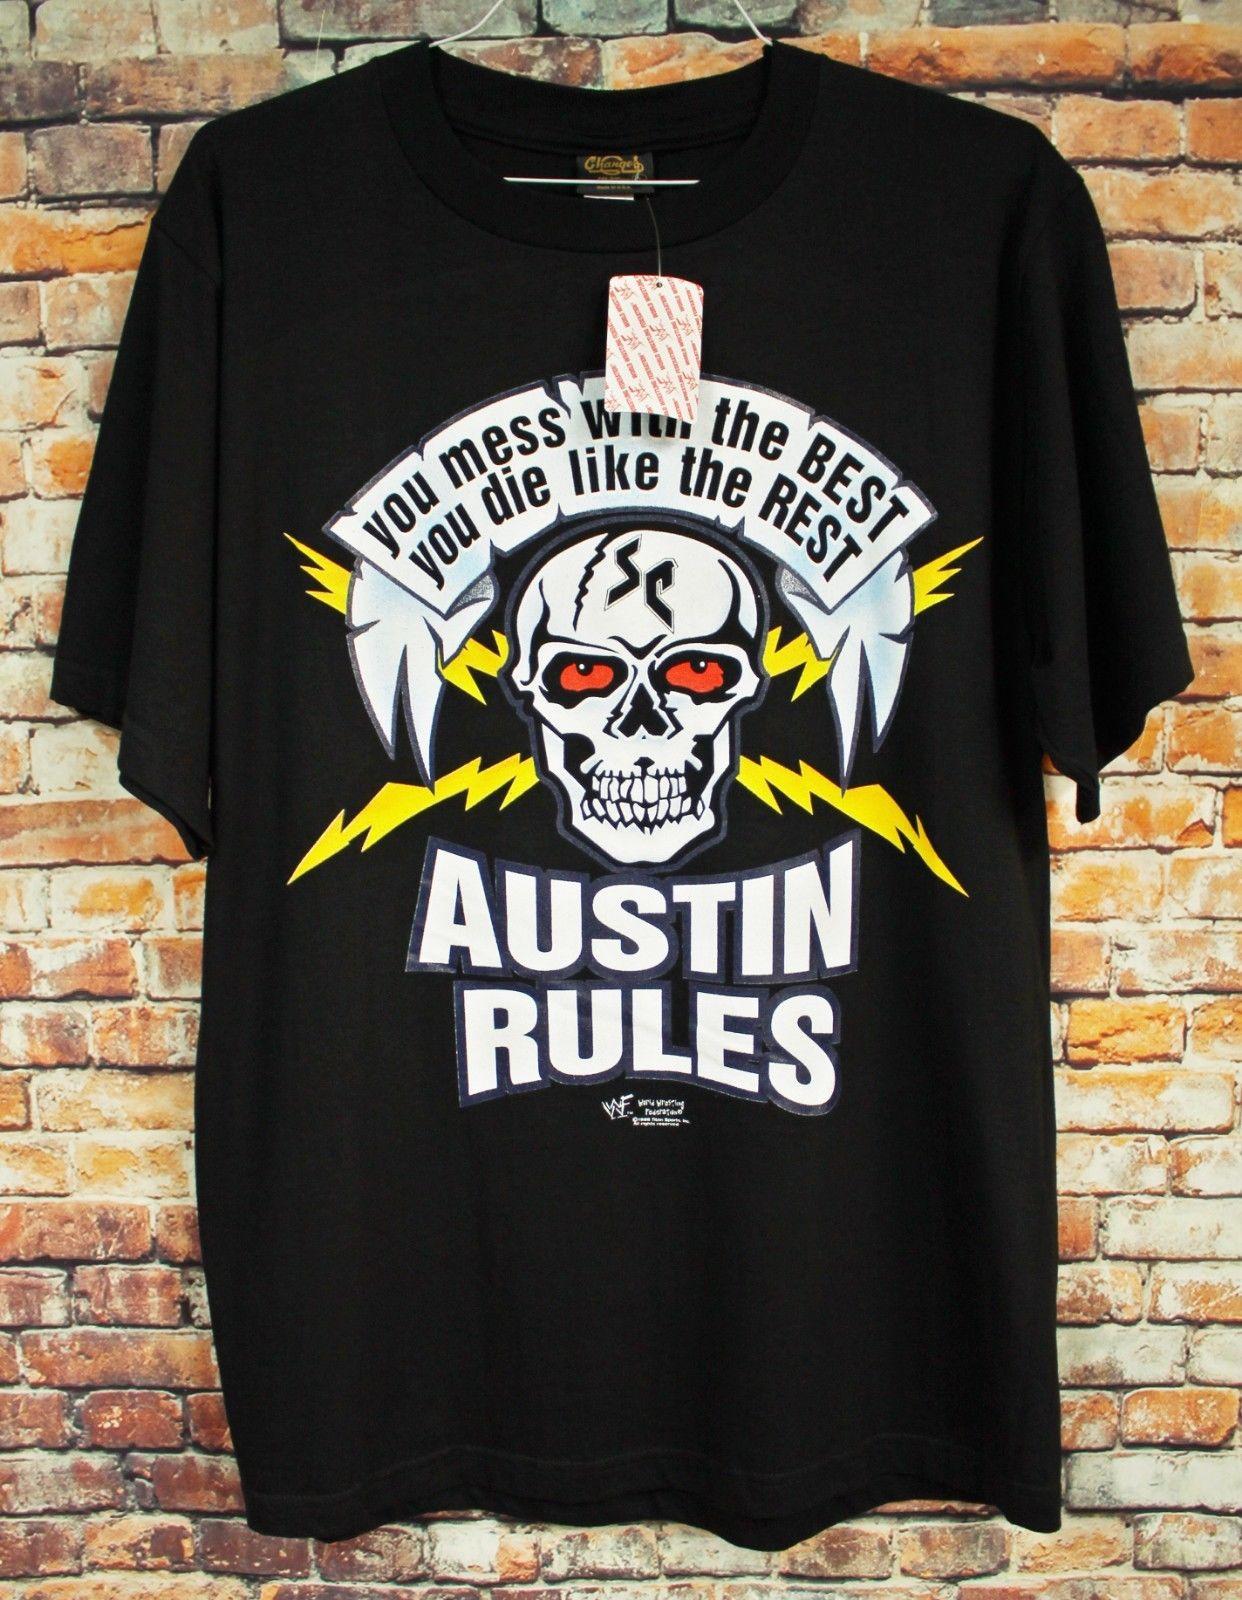 NOS Vtg 1998 каменная холодная футболка большая борьба WWF череп Остин 3:16 мертвый сток крутая Повседневная футболка для мужчин унисекс